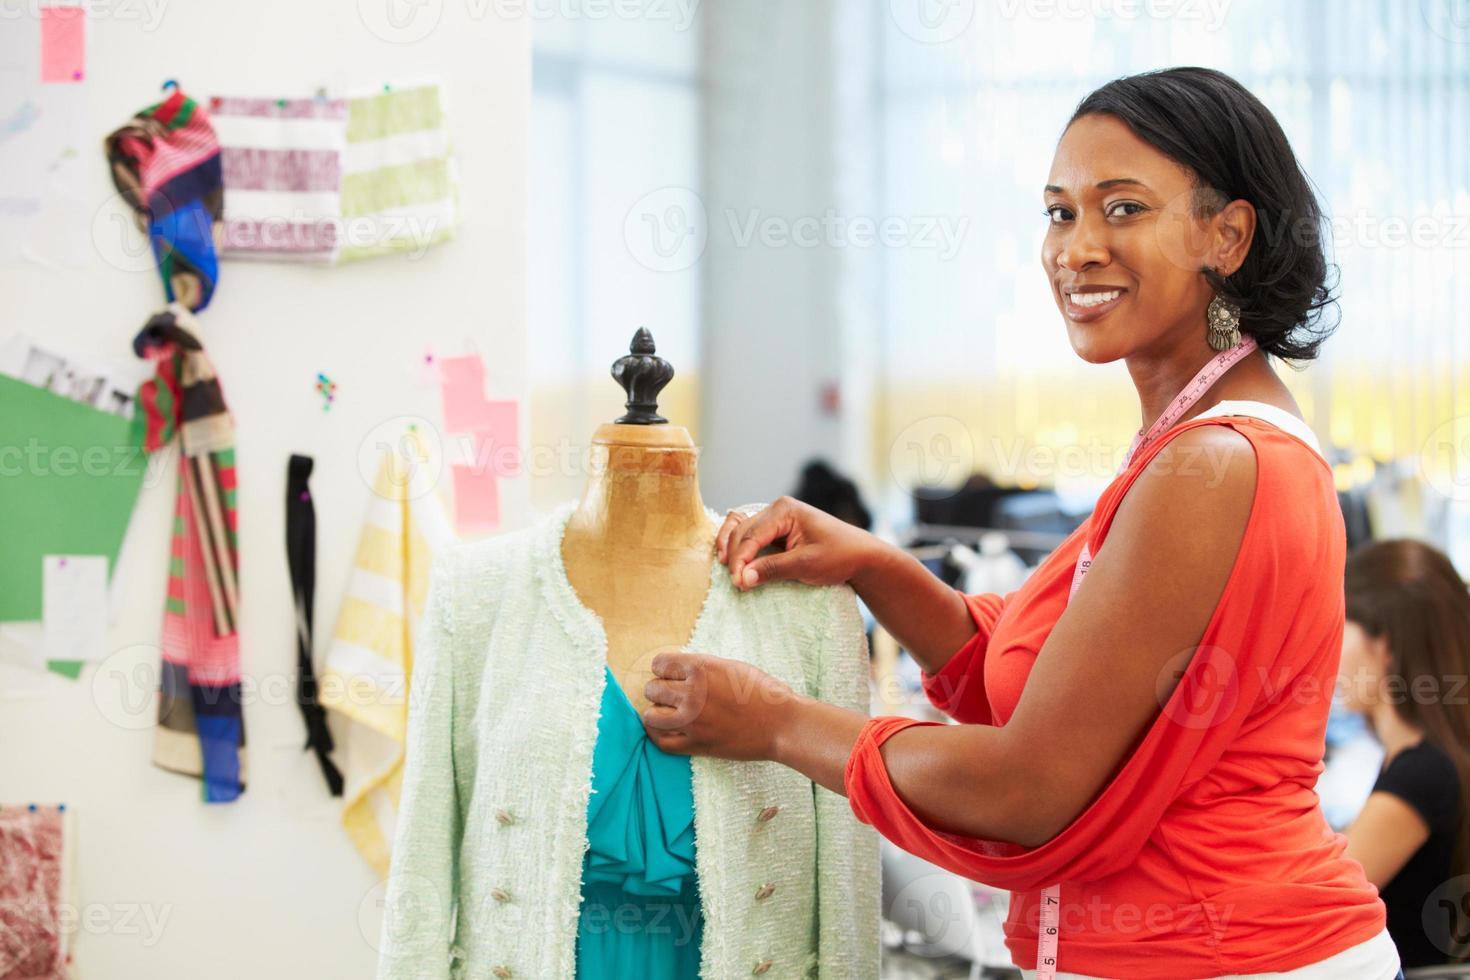 designer de moda em estúdio foto